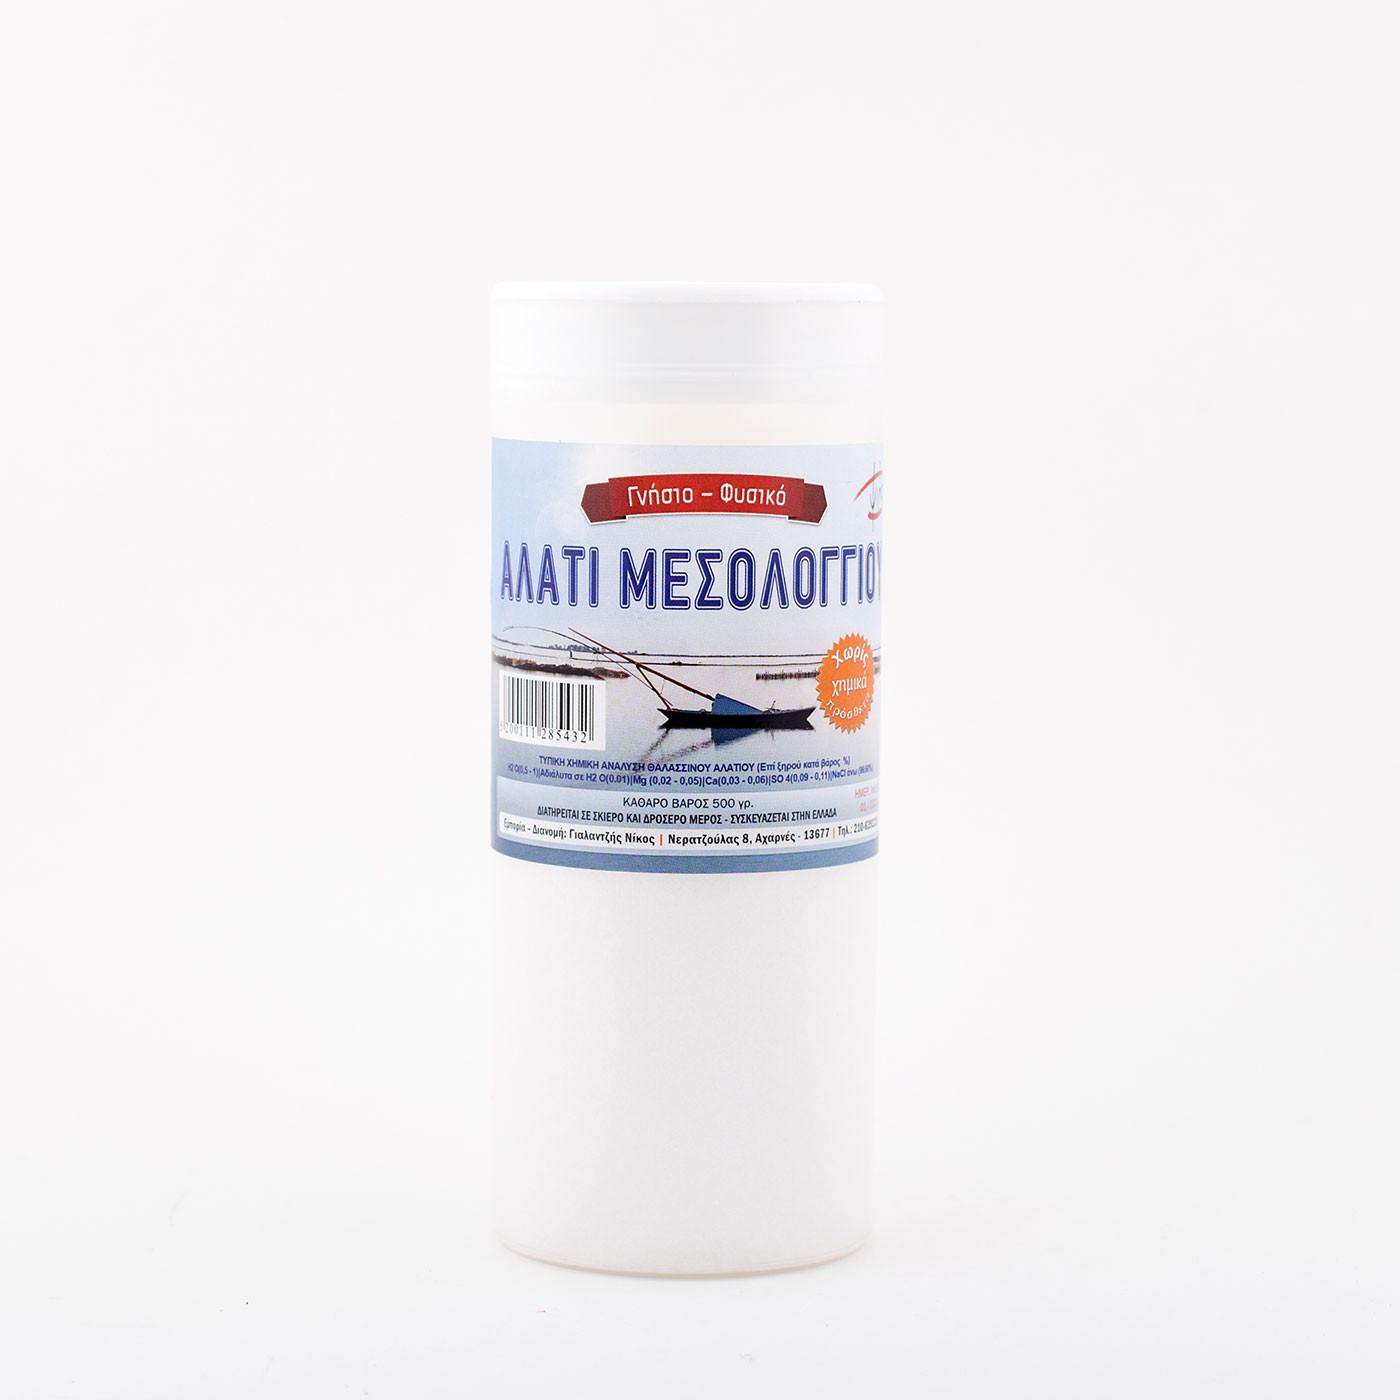 """Γνήσιο-Φυσικό Αλάτι Μεσολογγίου Ψιλό σε αλατιέρα """"Γιαλαντζής"""" 750 γρ."""